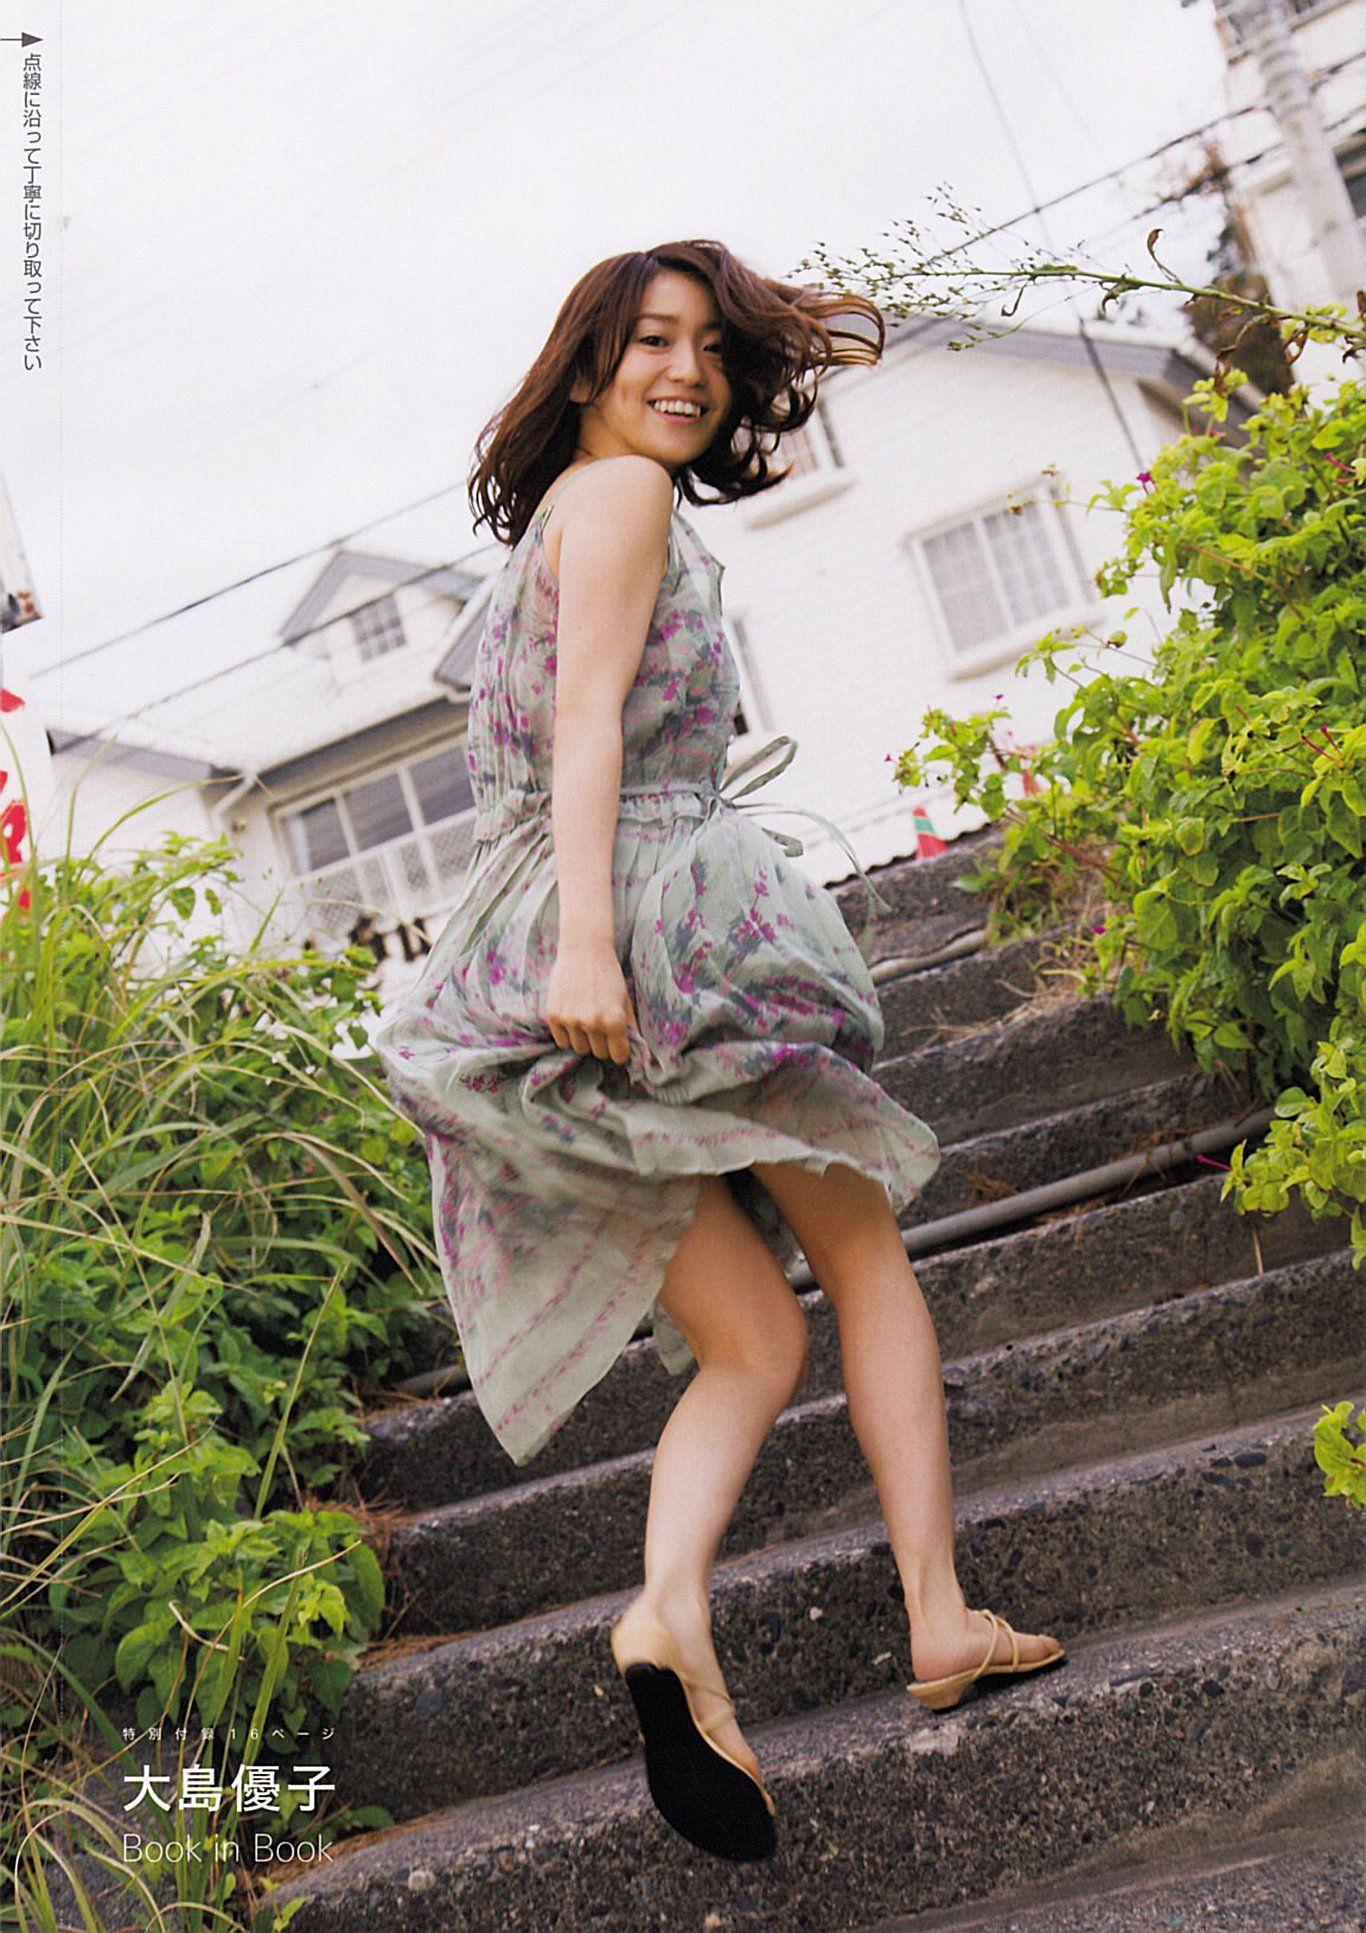 大島優子 エロ画像 3